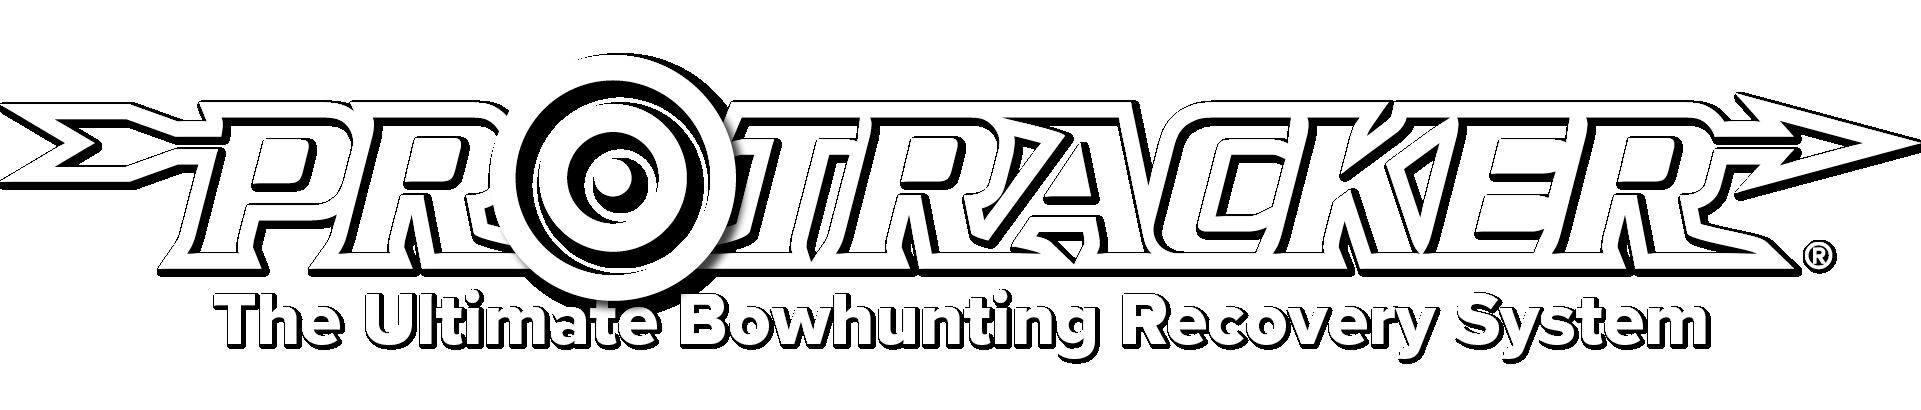 pro-tracker logo